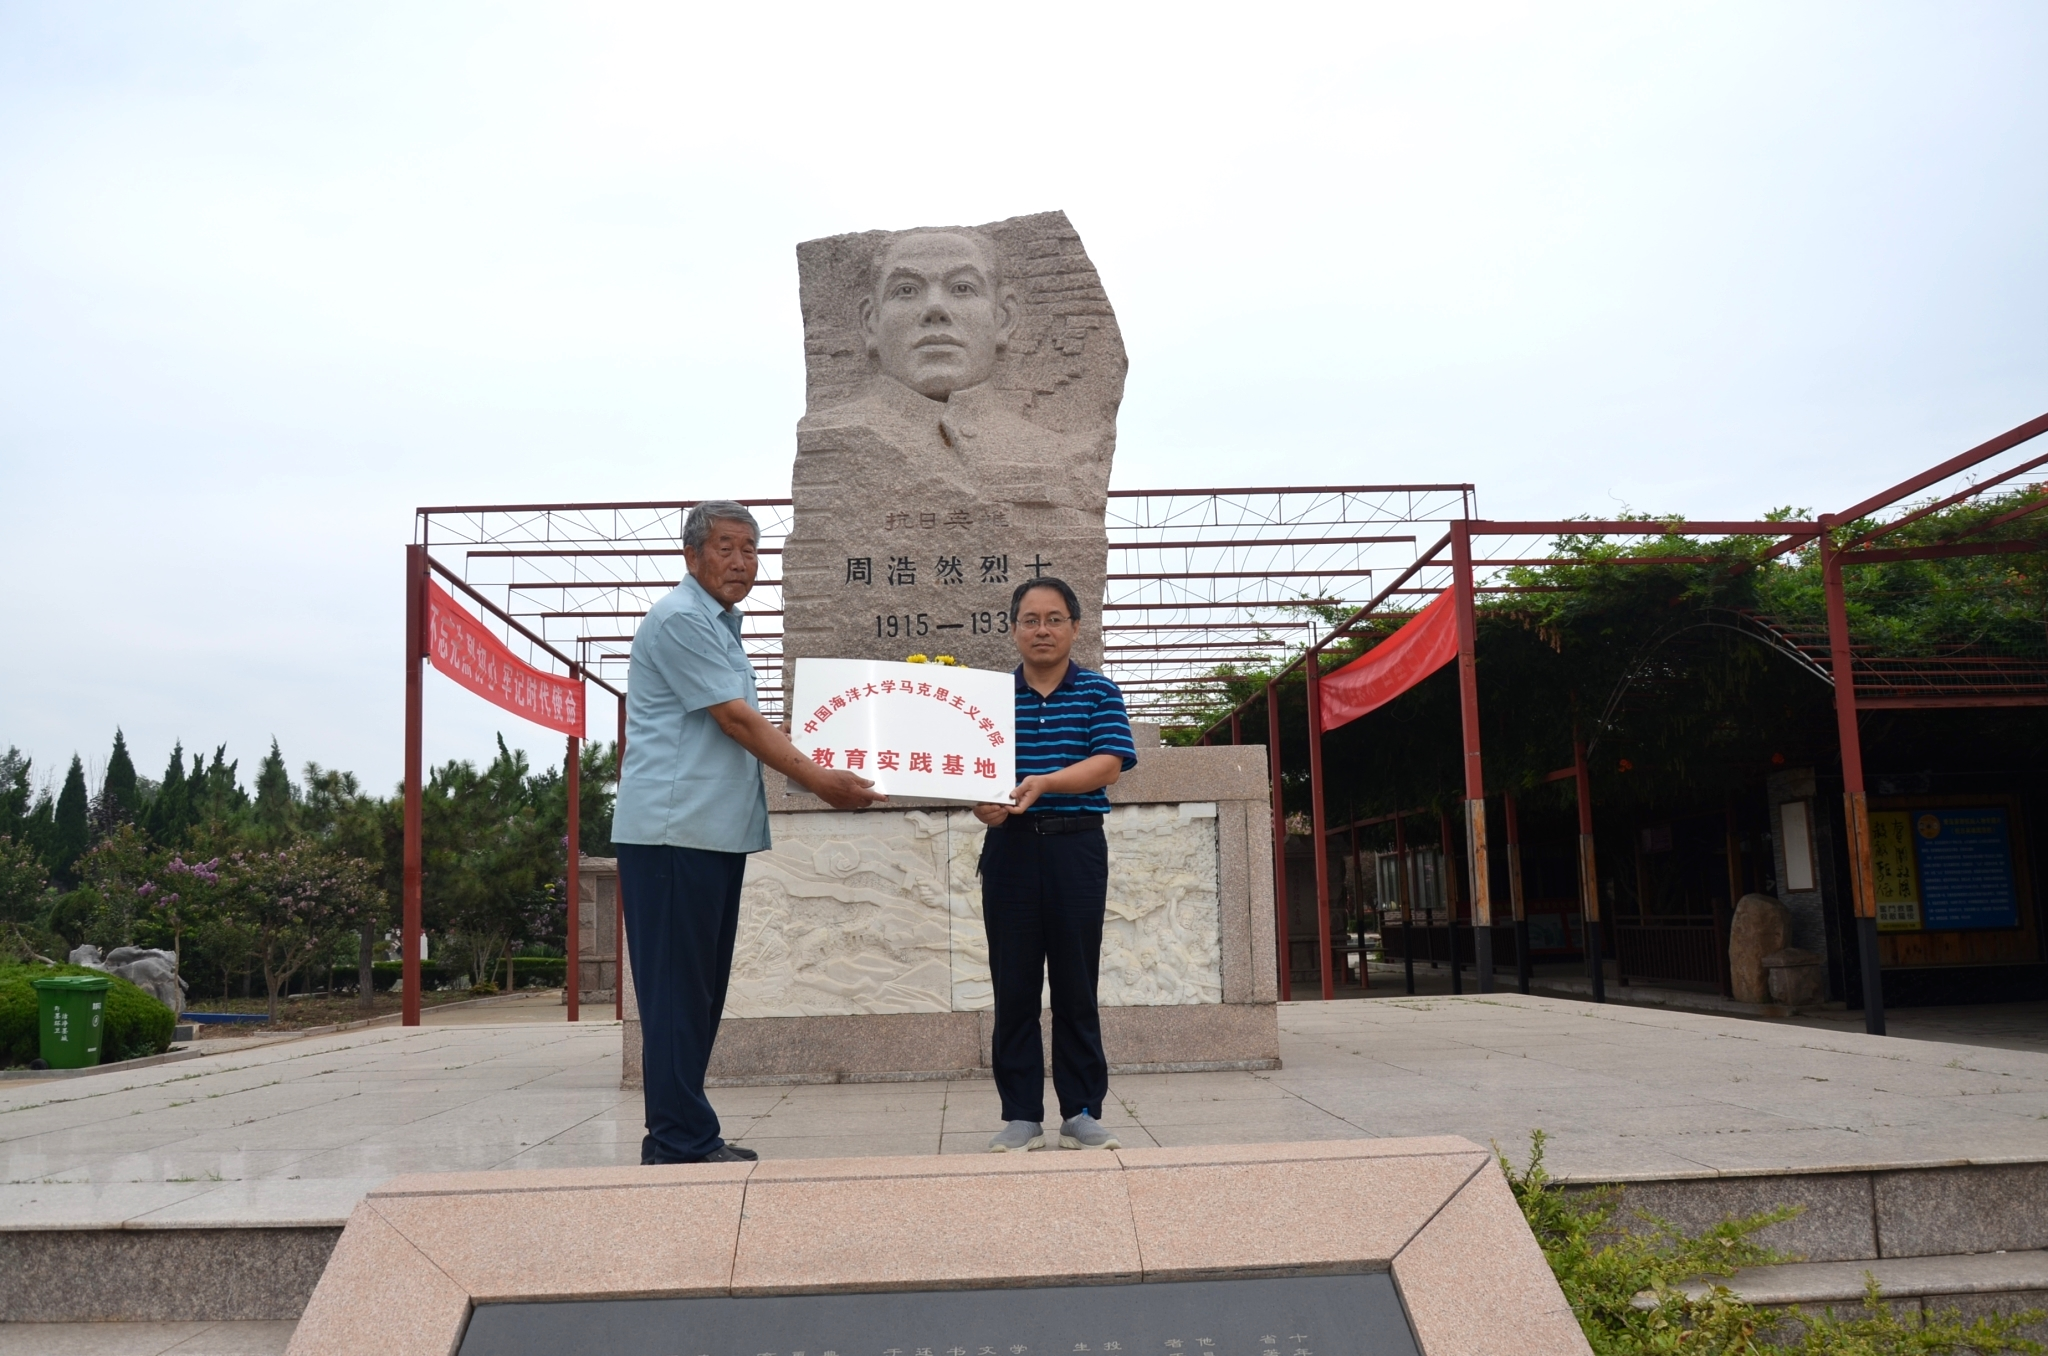 周浩然文化园成为中国海洋大学马克思主义学院|